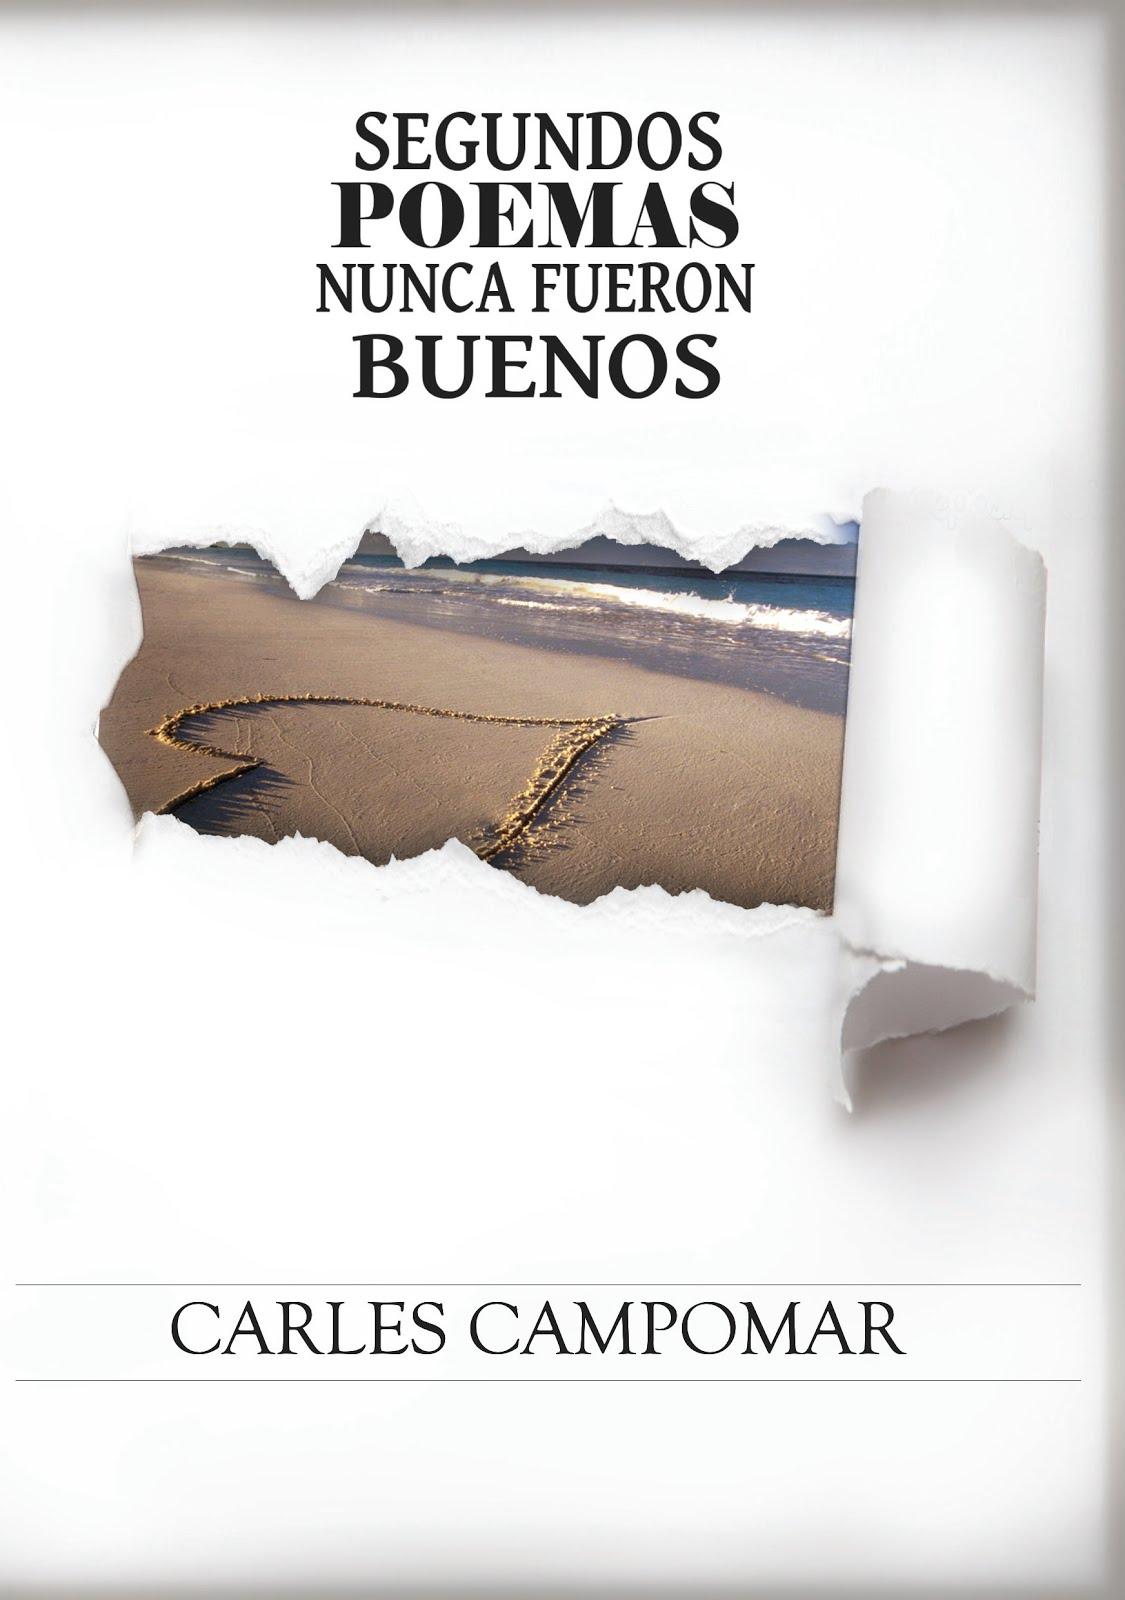 Segundos poemas nunca fueron buenos (2013)